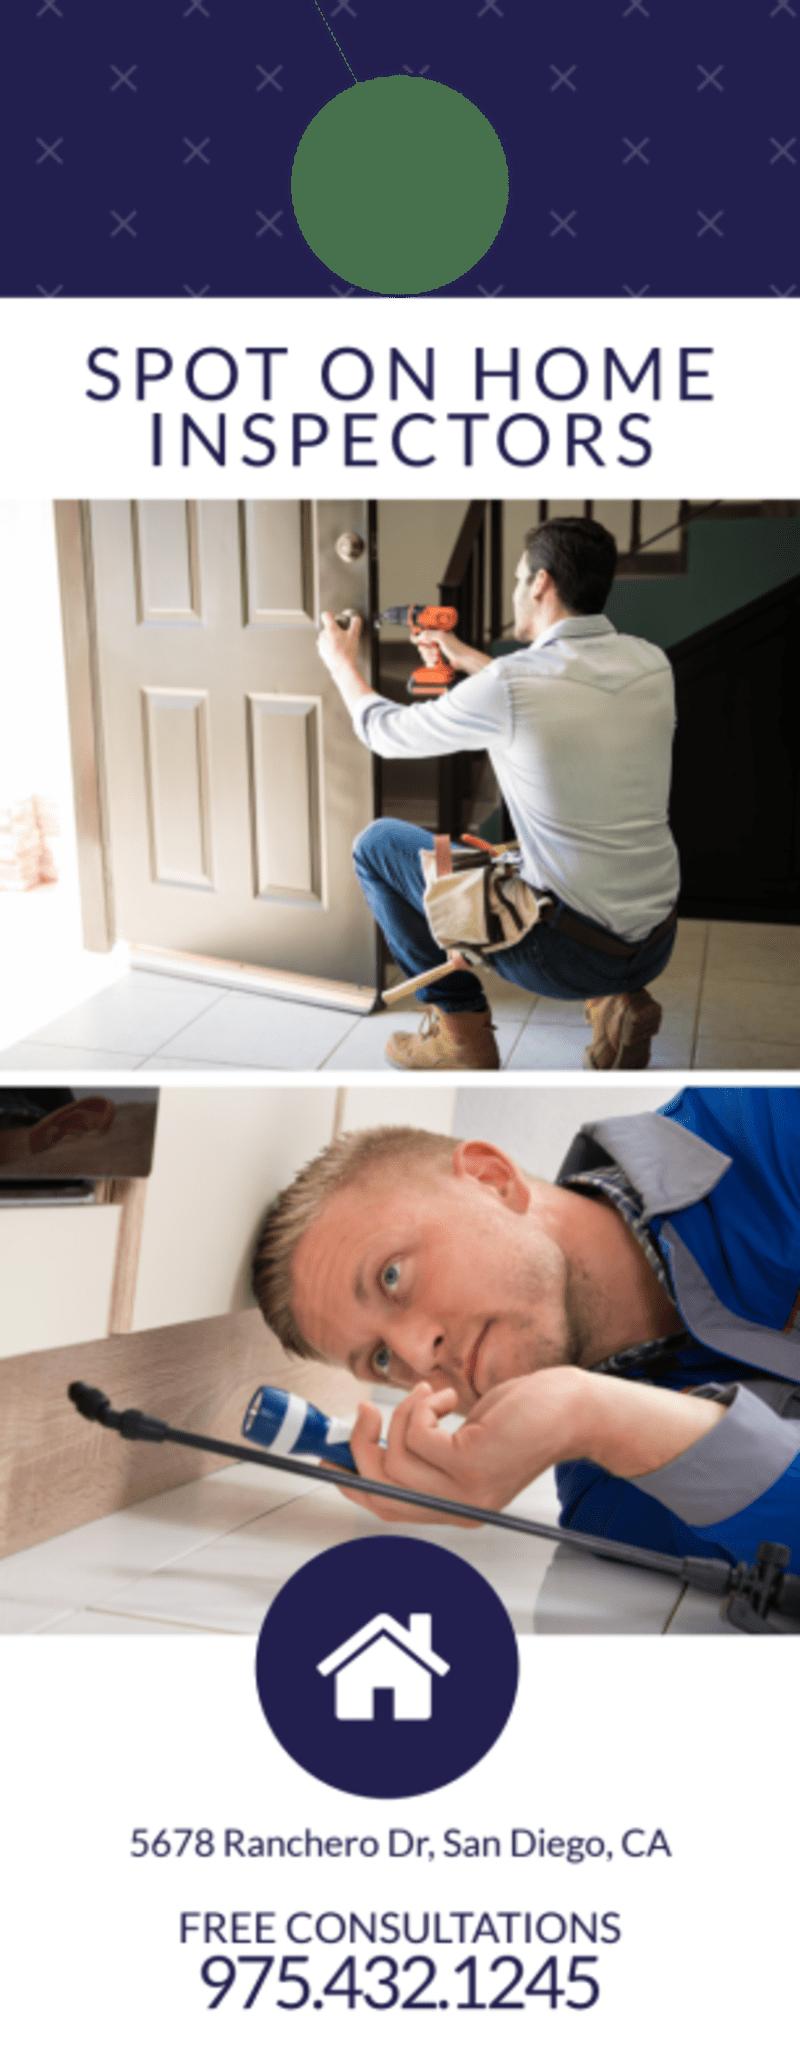 Simple Home Inspection Door Hanger Template Preview 2